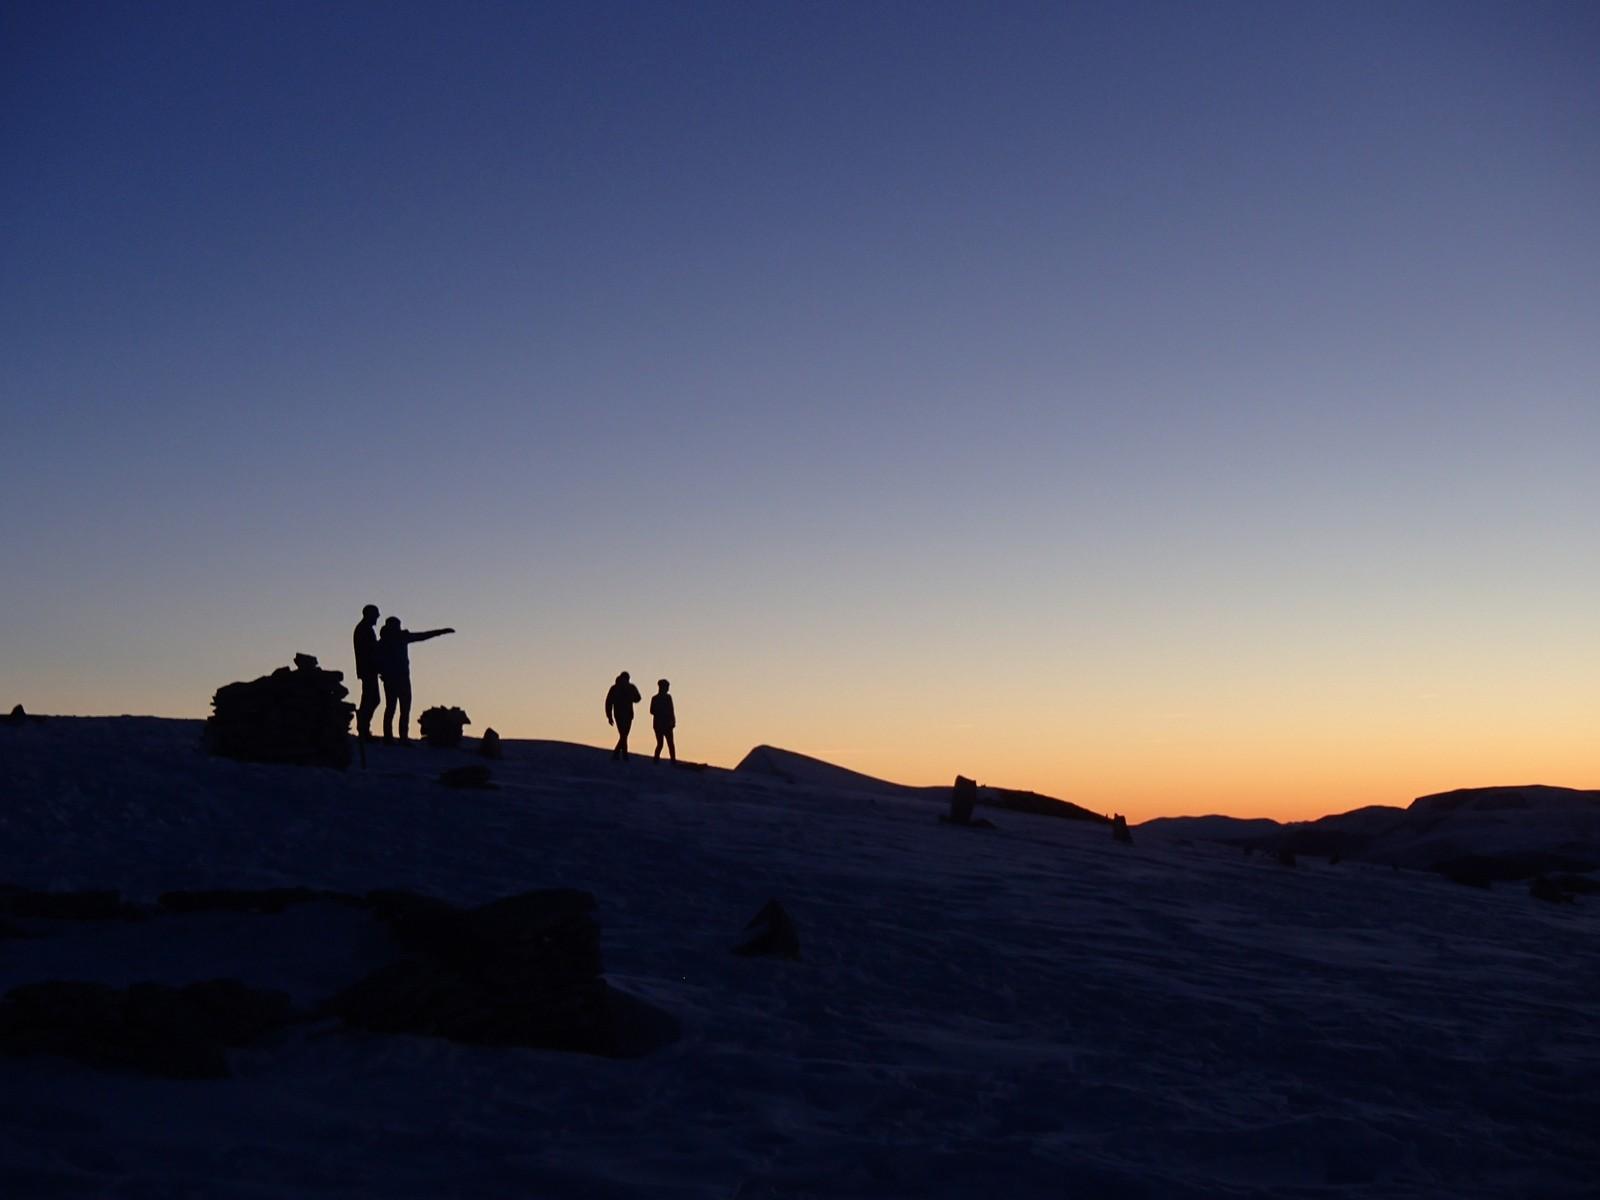 Morgonfuglar på Skåla 1848 moh klare for å nyte soloppgangen.